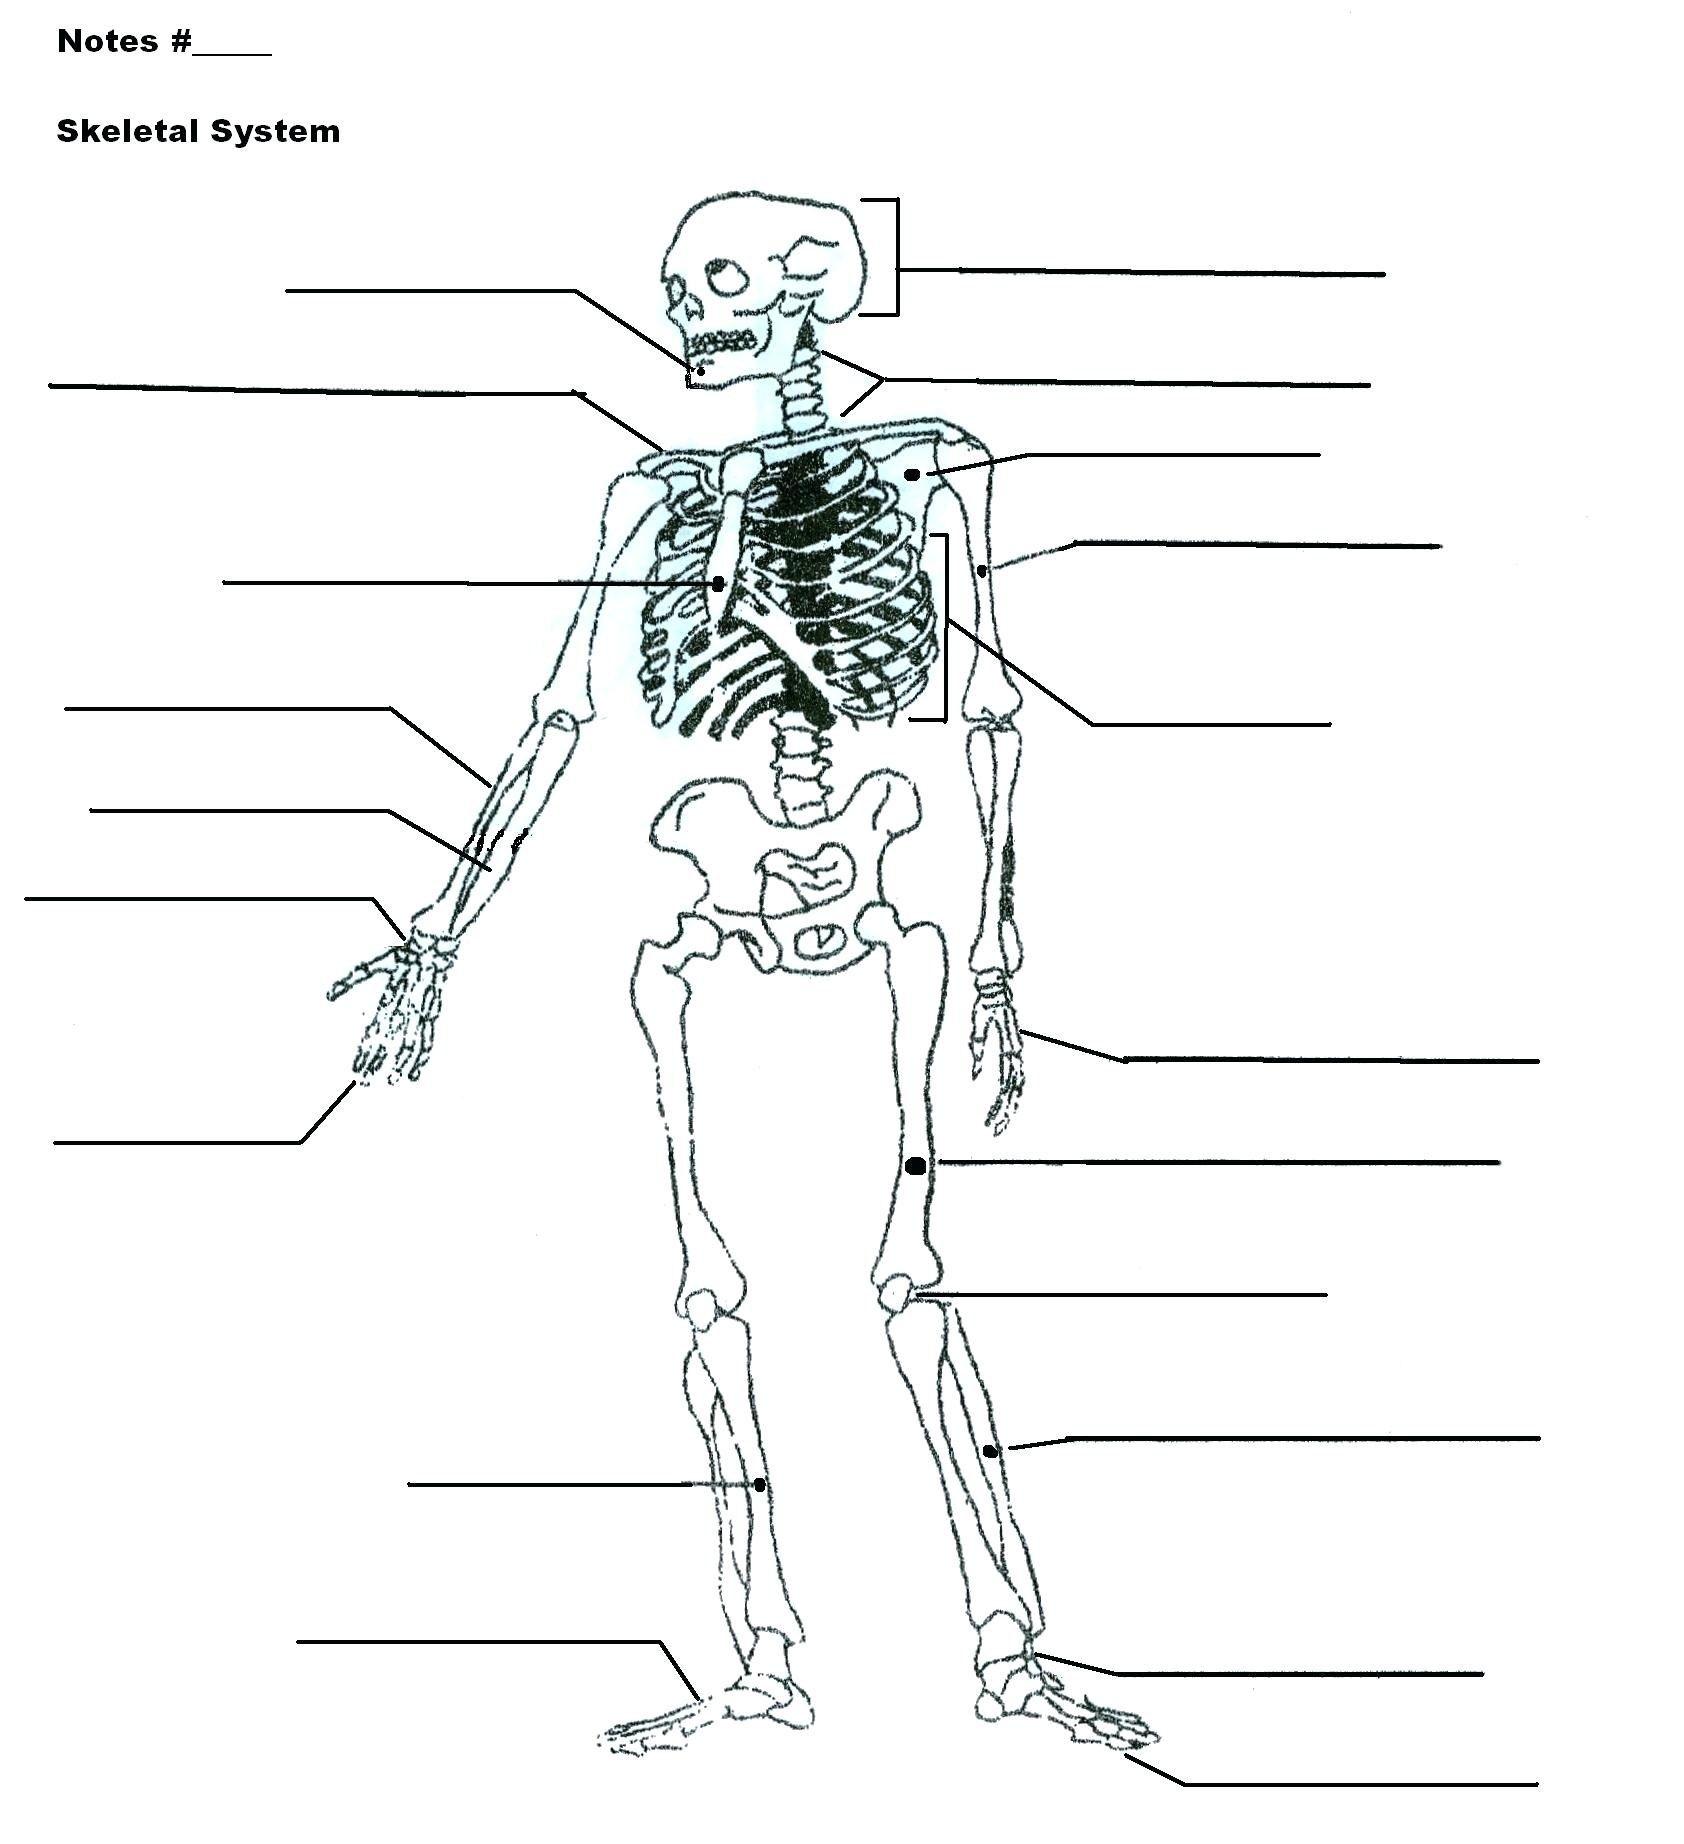 Human Skeleton Diagram Without Labels Koibana Info Human Skeletal System Human Body Diagram Skeletal System Worksheet